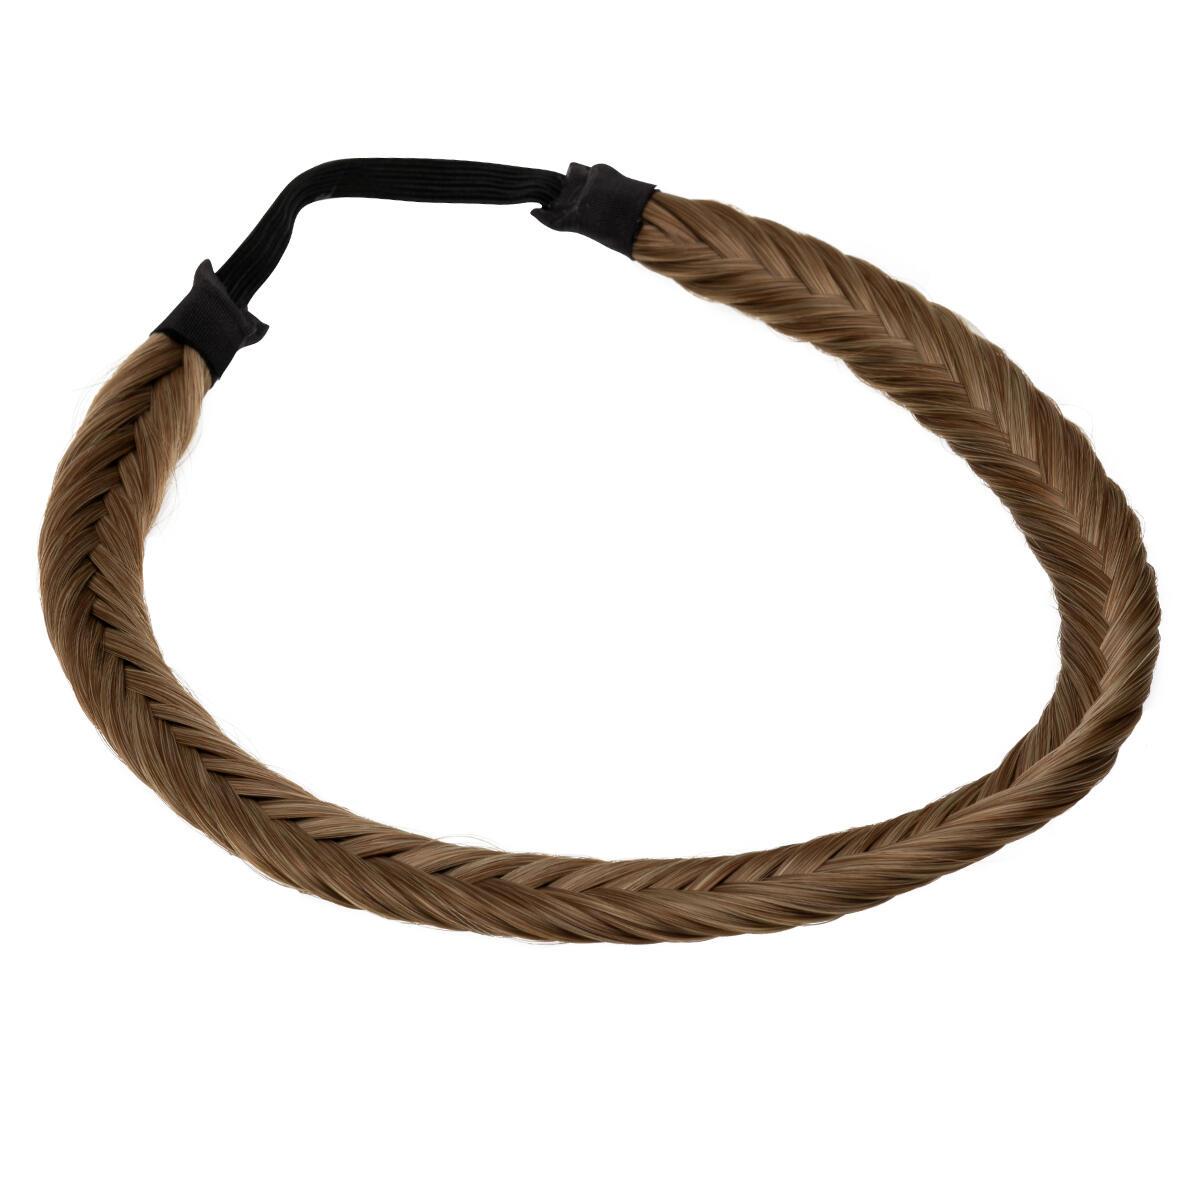 Synthetic Braided Headband 7.3 Cendre Ash